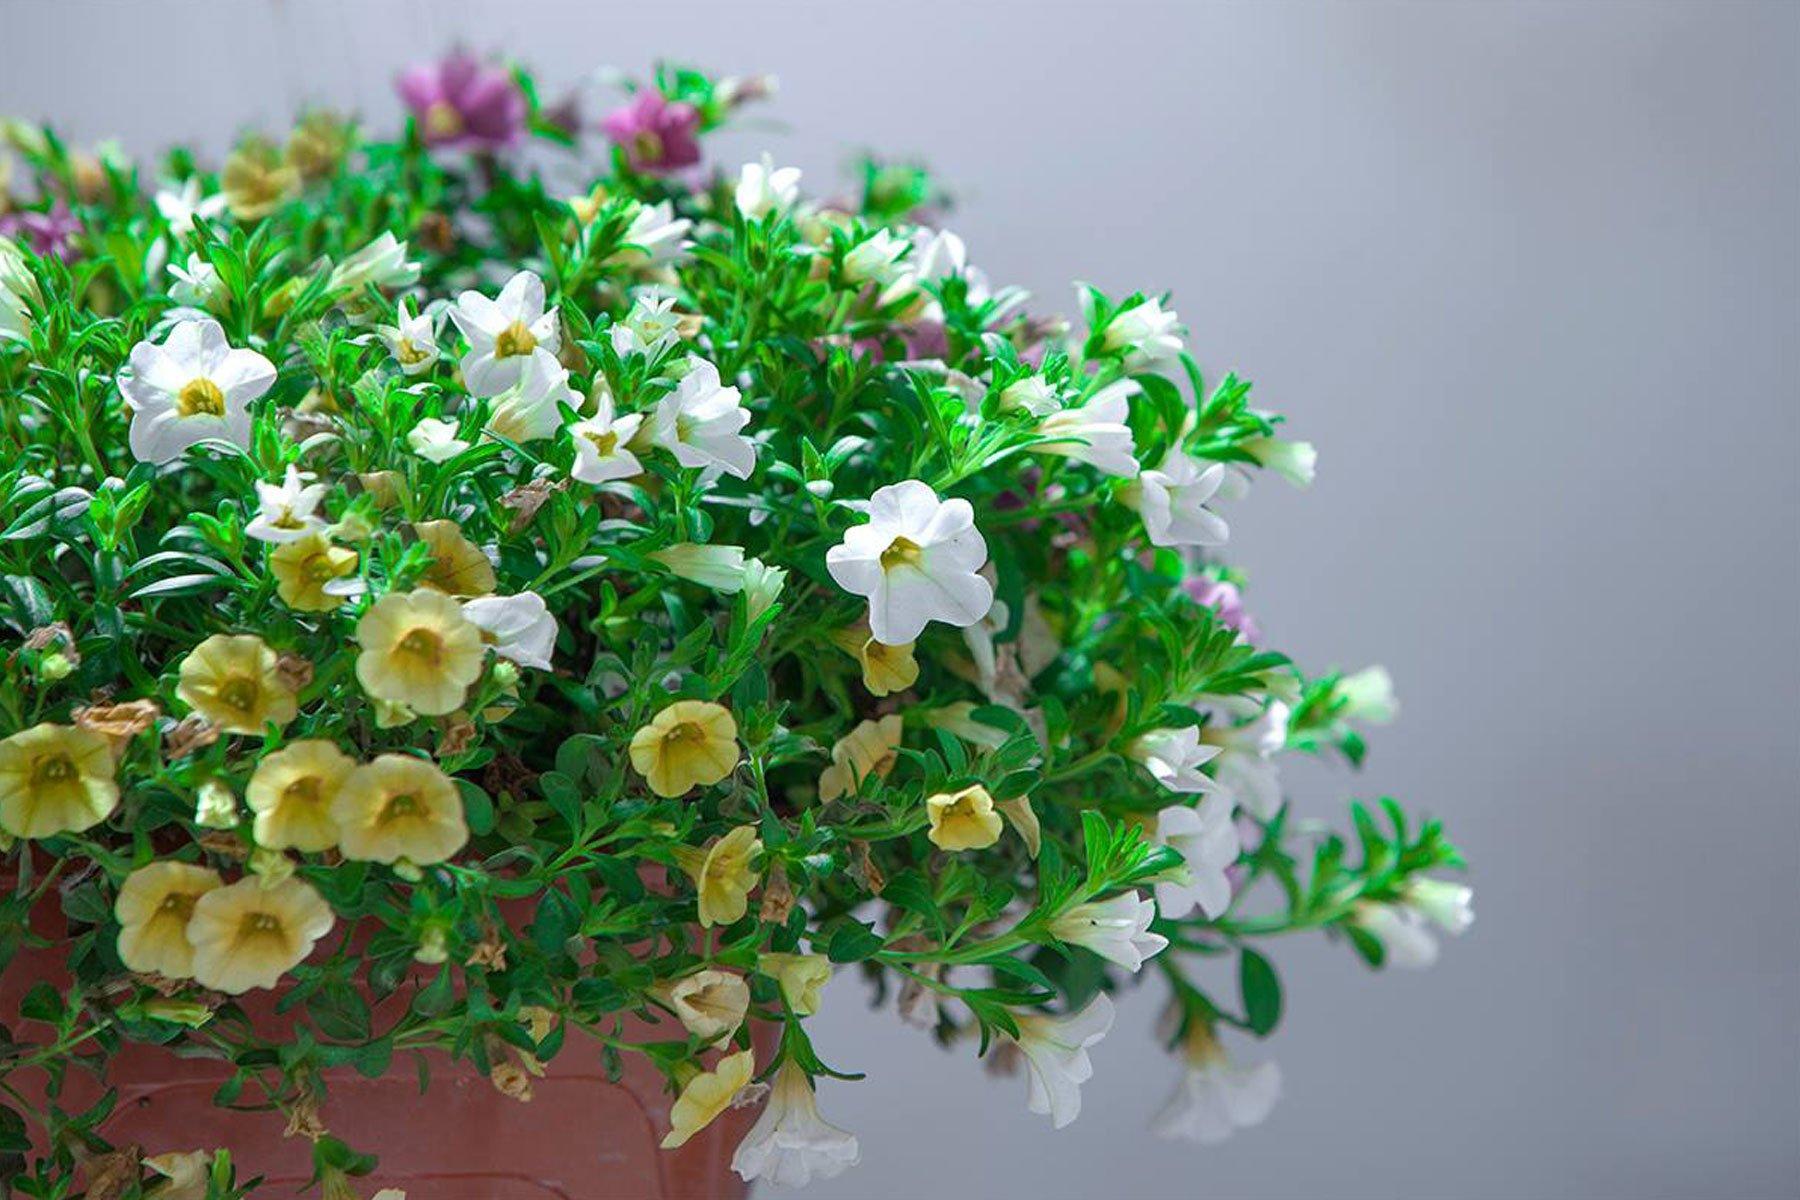 dei fiori gialli e bianchi